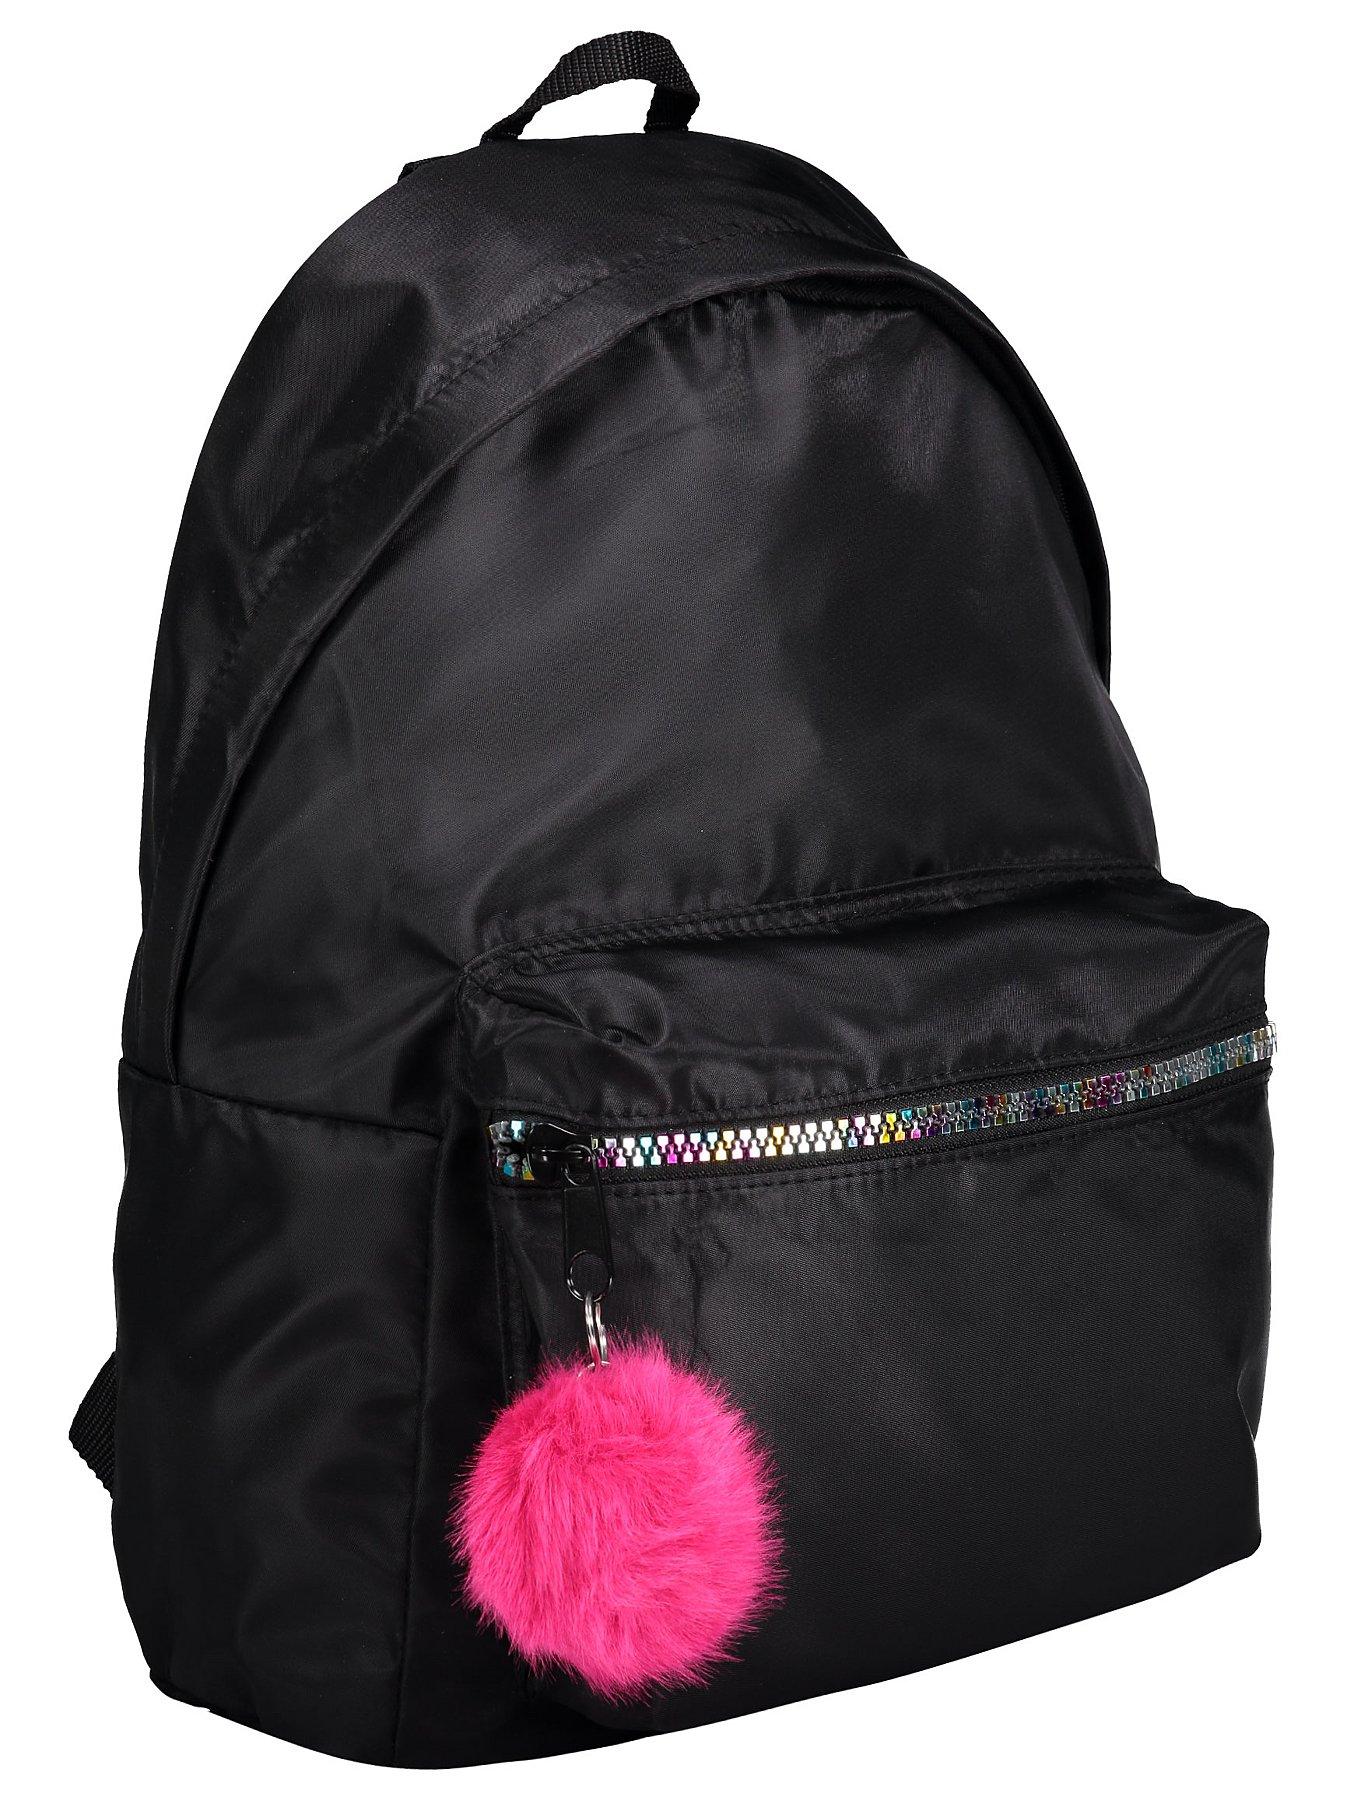 Black Pom Pom Colourful Zip Rucksack